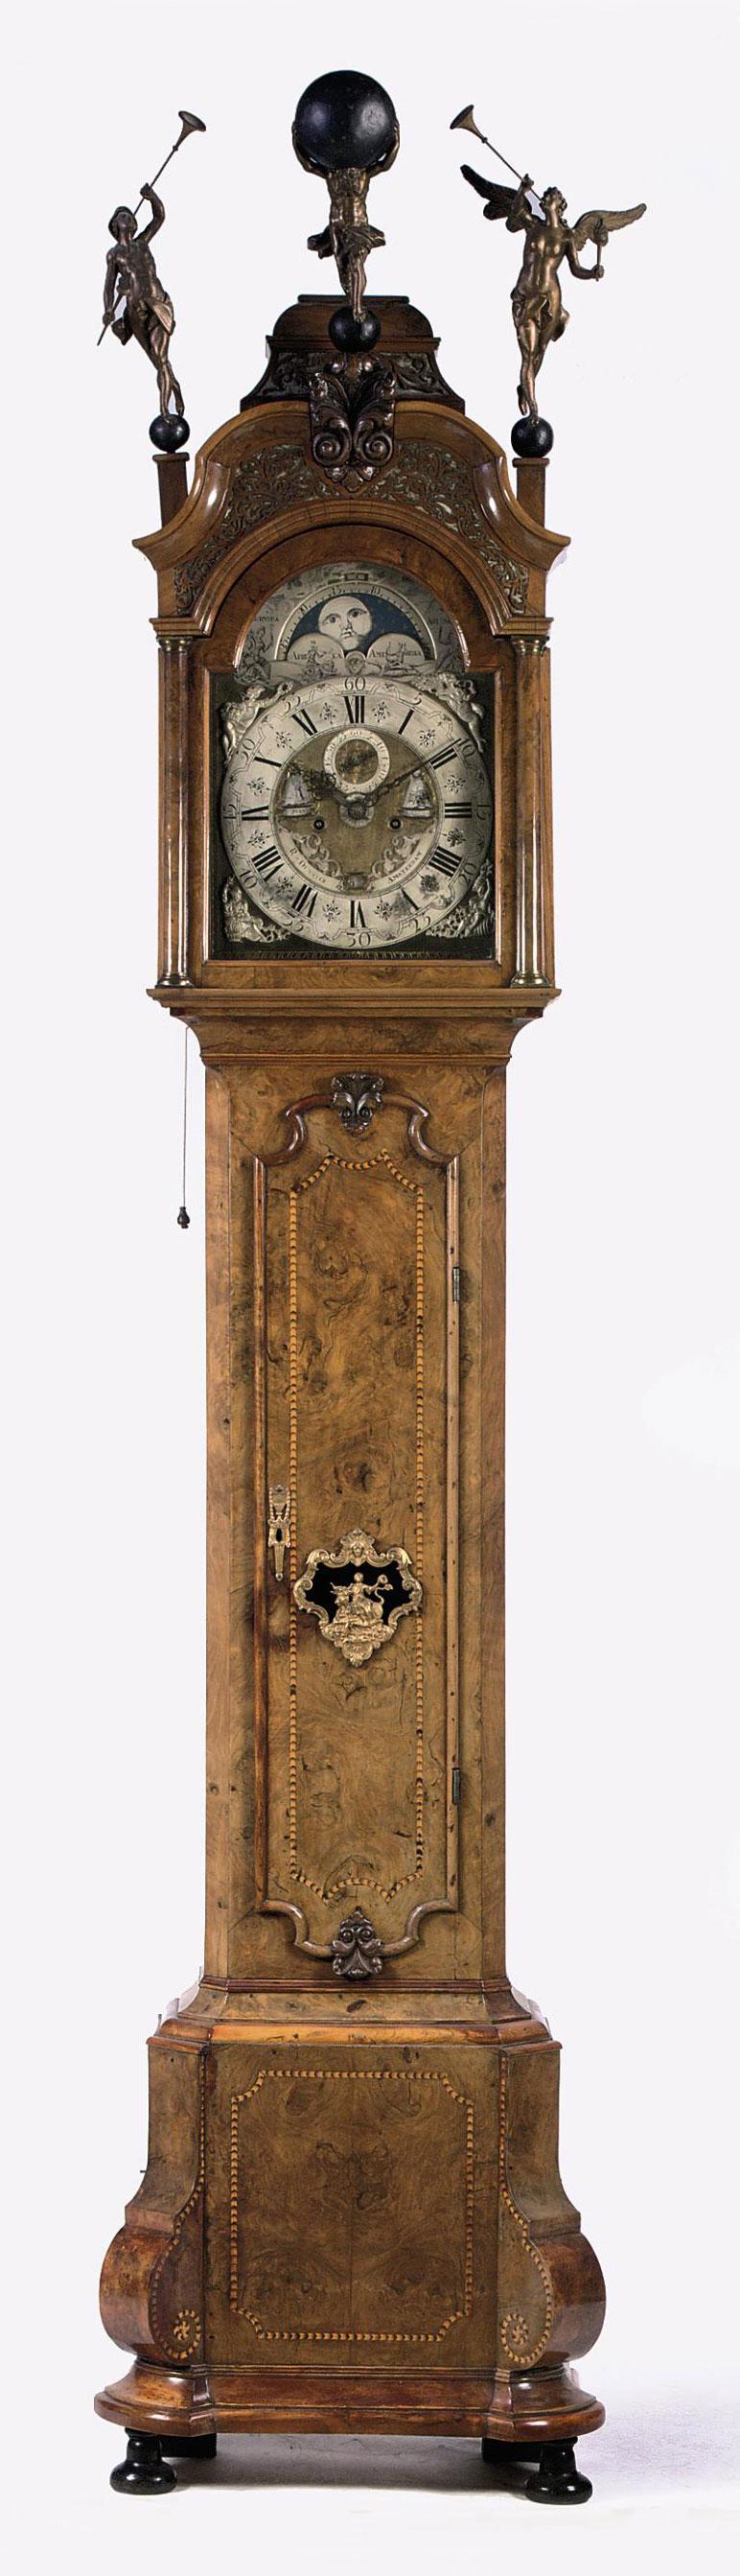 A DUTCH WALNUT AND BURR-WALNUT LONGCASE CLOCK